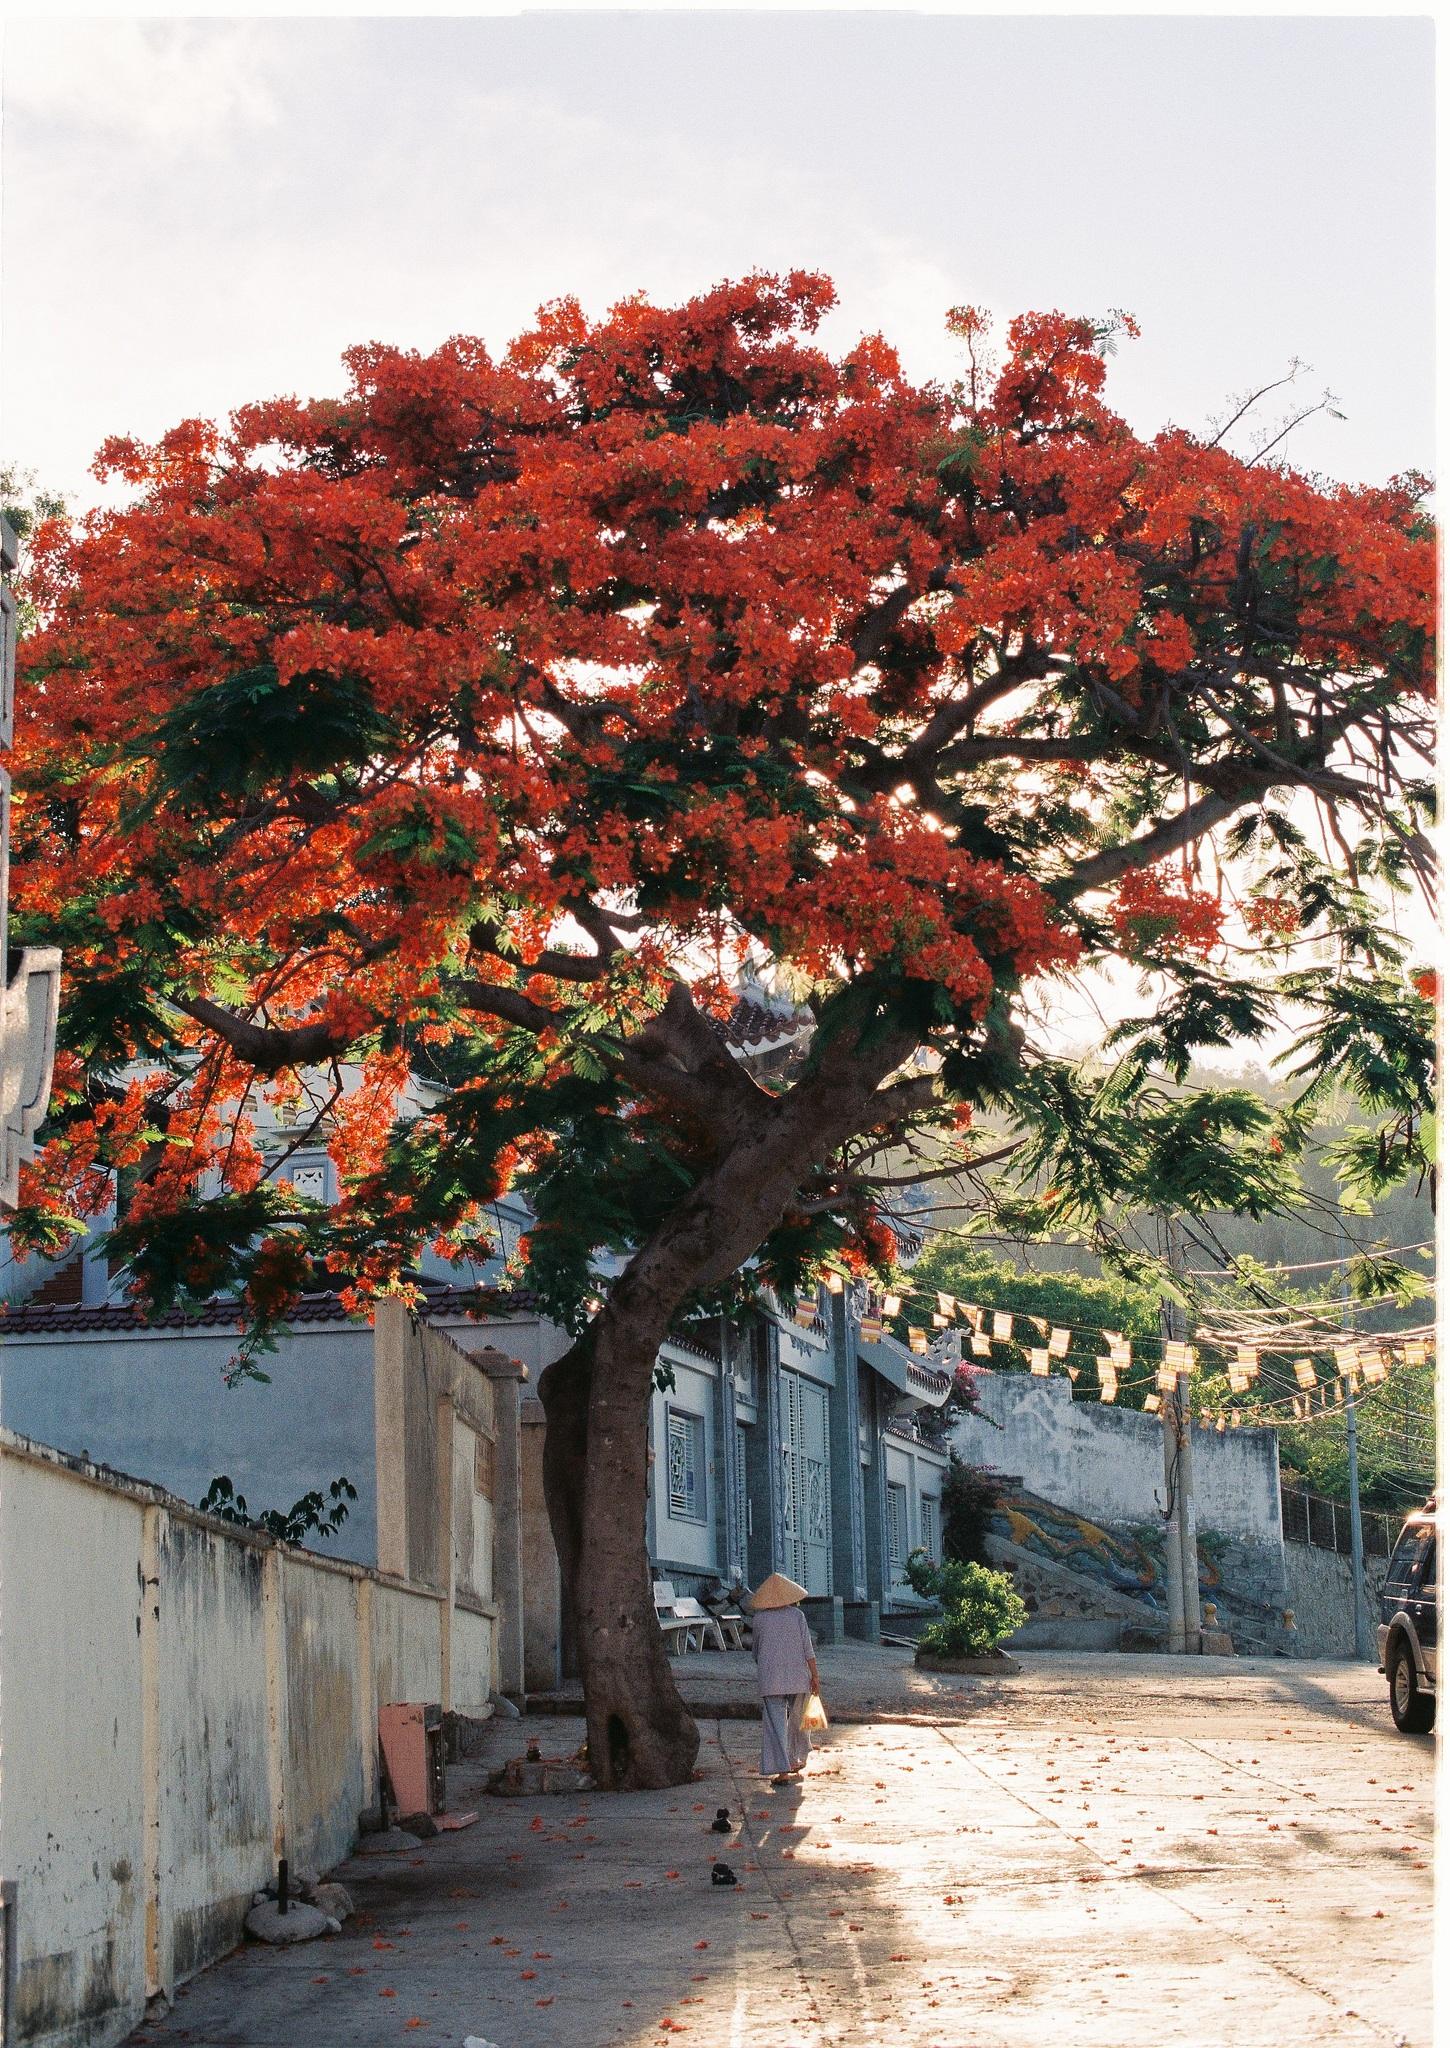 распространённый деревья во вьетнаме названия и фото экскурсовода гида новая